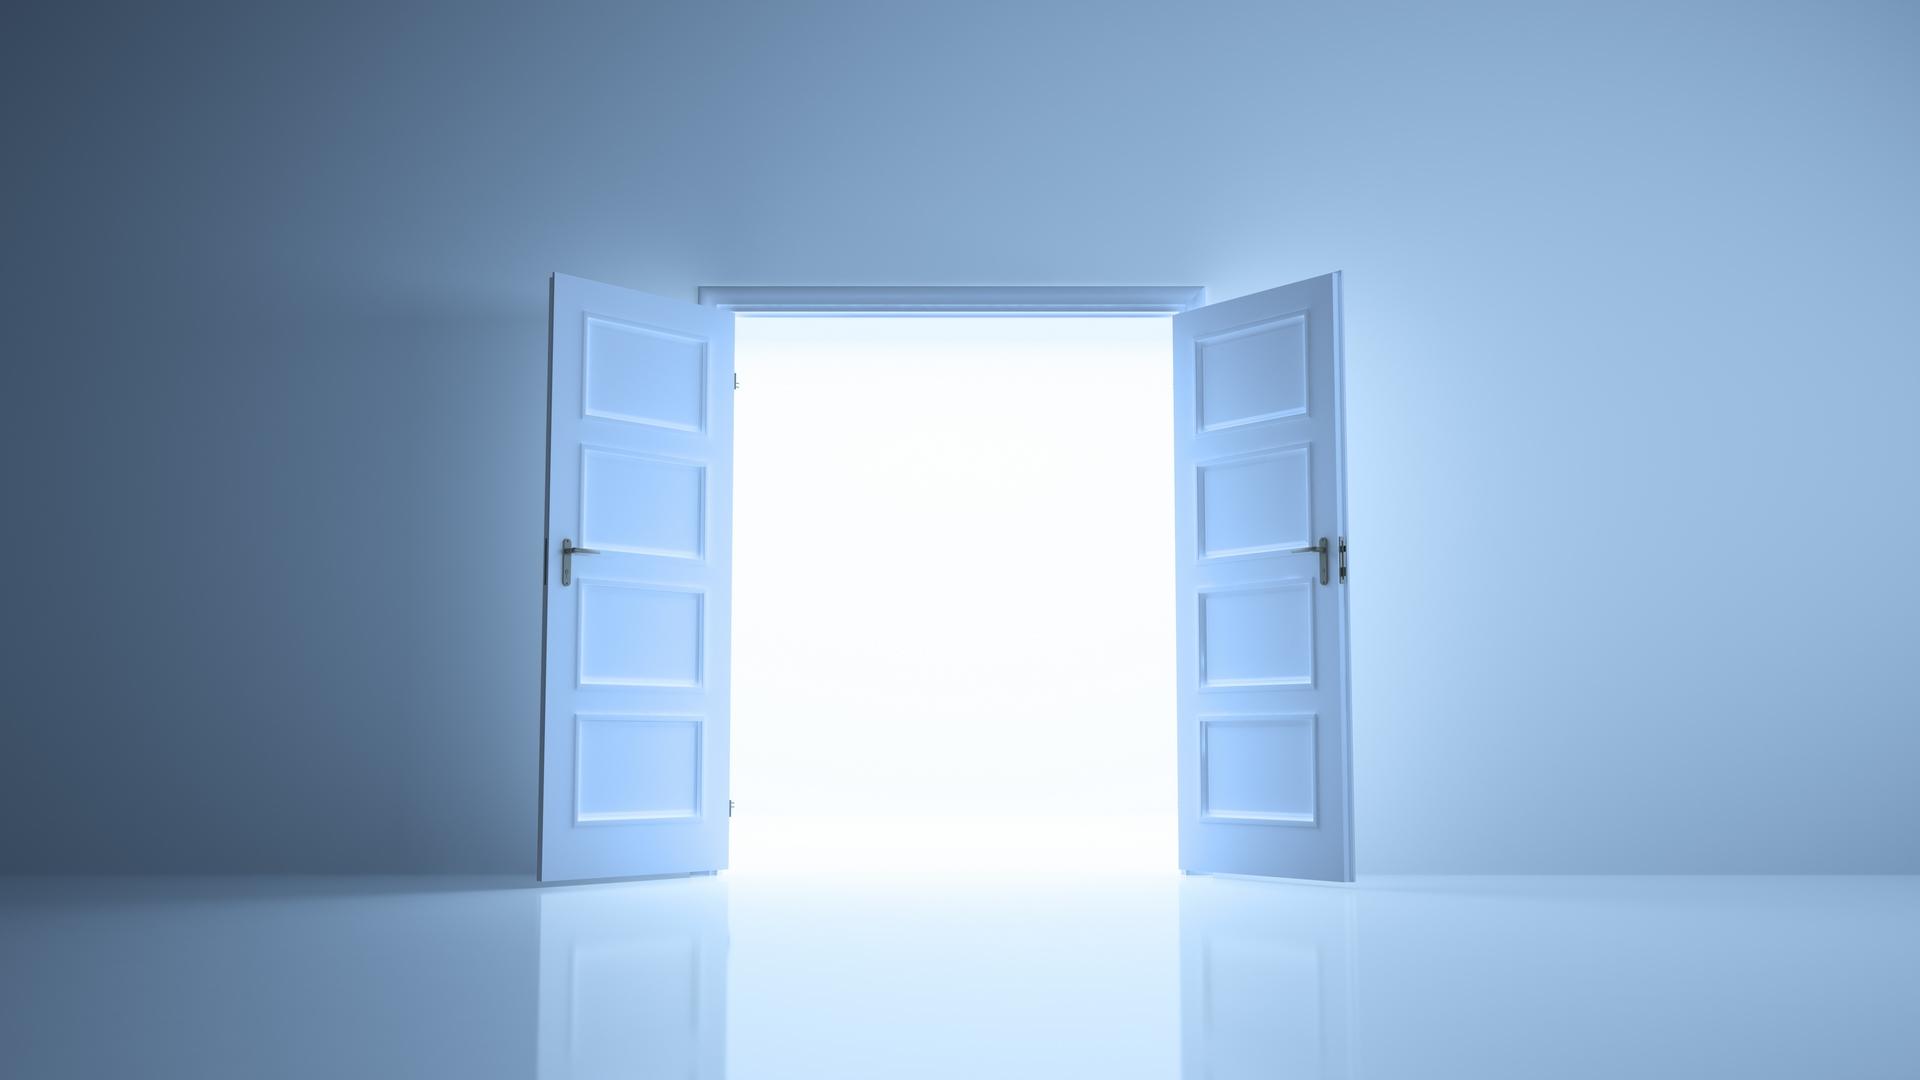 how to open locked doors in oblivion